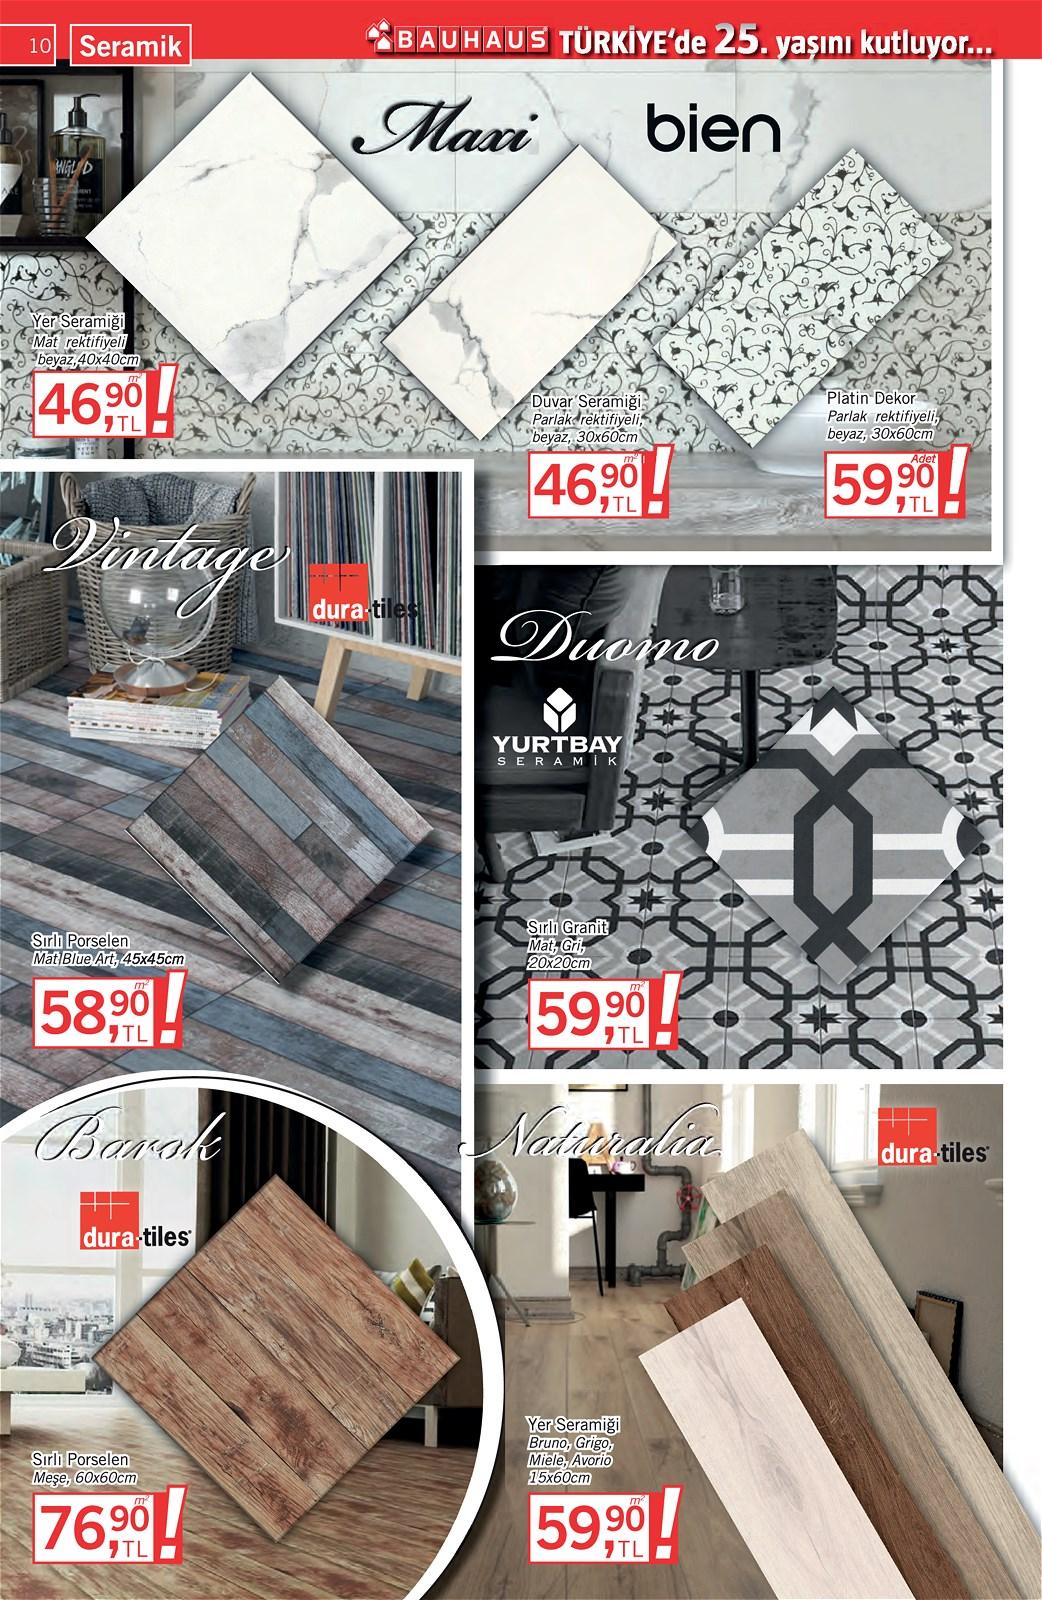 25.09.2021 Bauhaus broşürü 10. sayfa